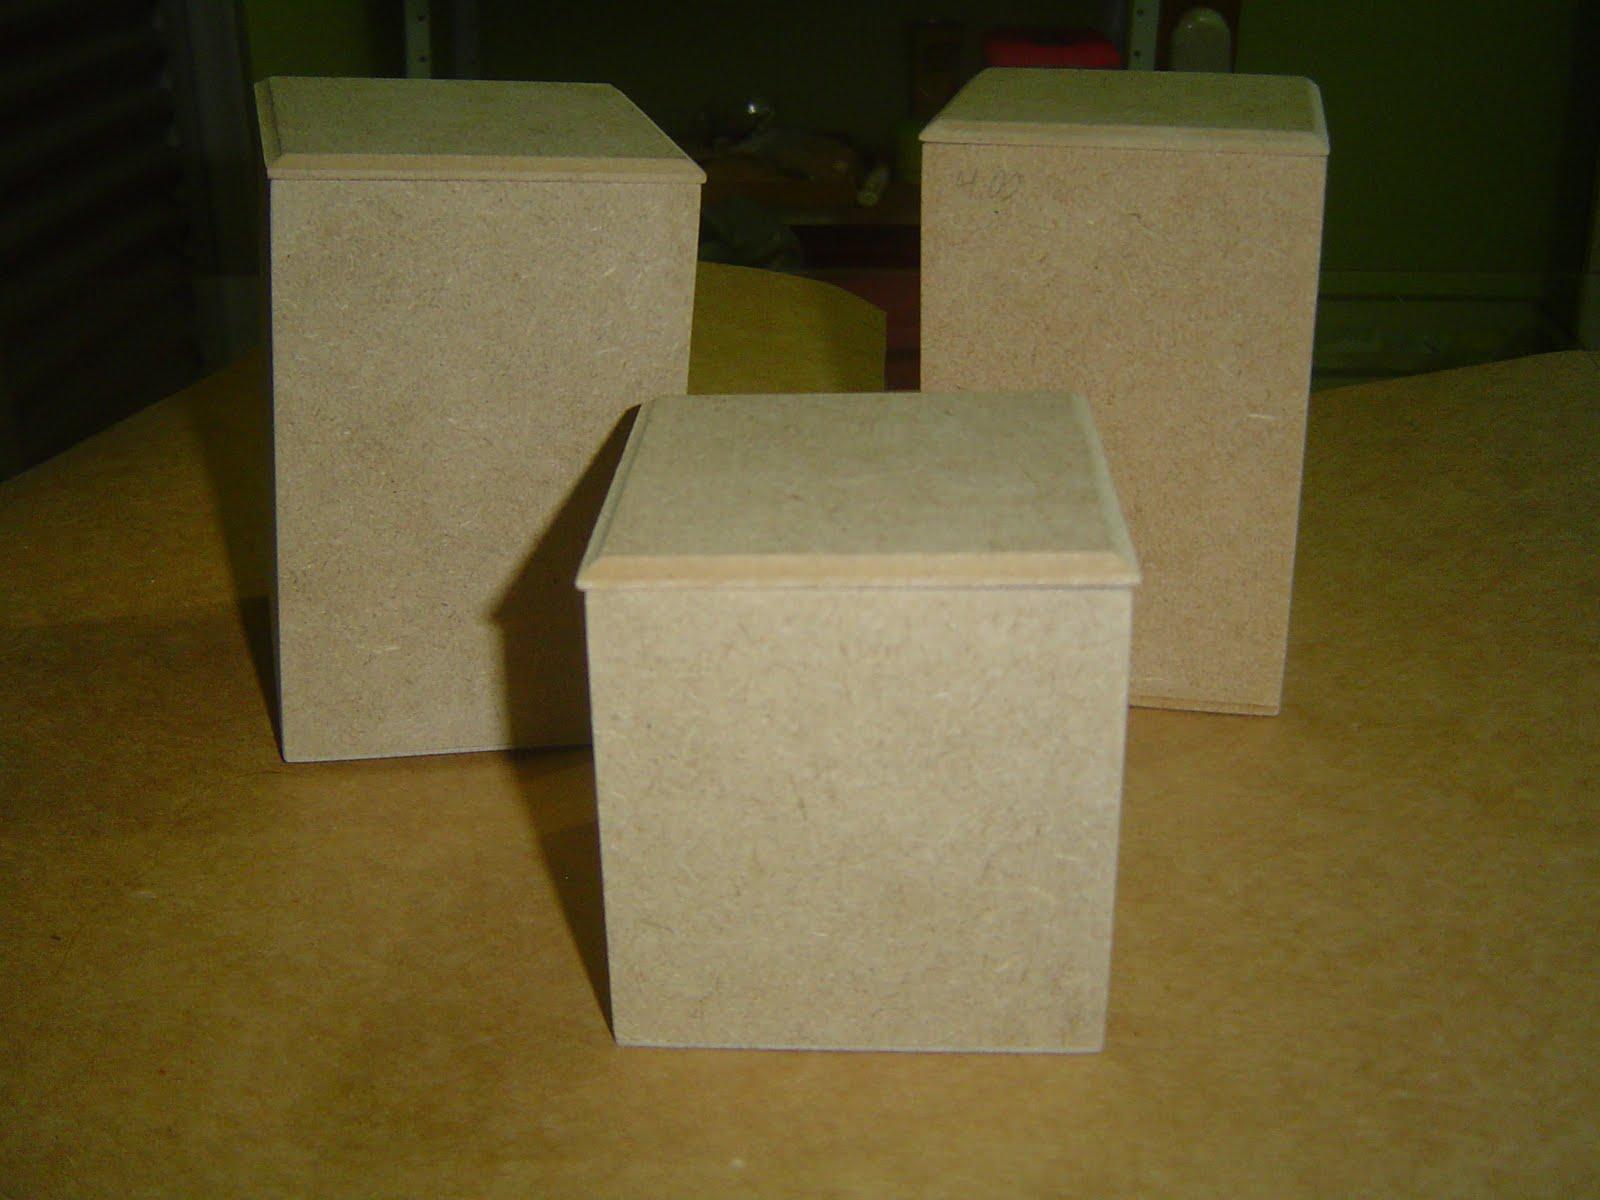 Potinhos para banheiro com textura de renda Tramas e Pinturas O  #2A2609 1600 1200